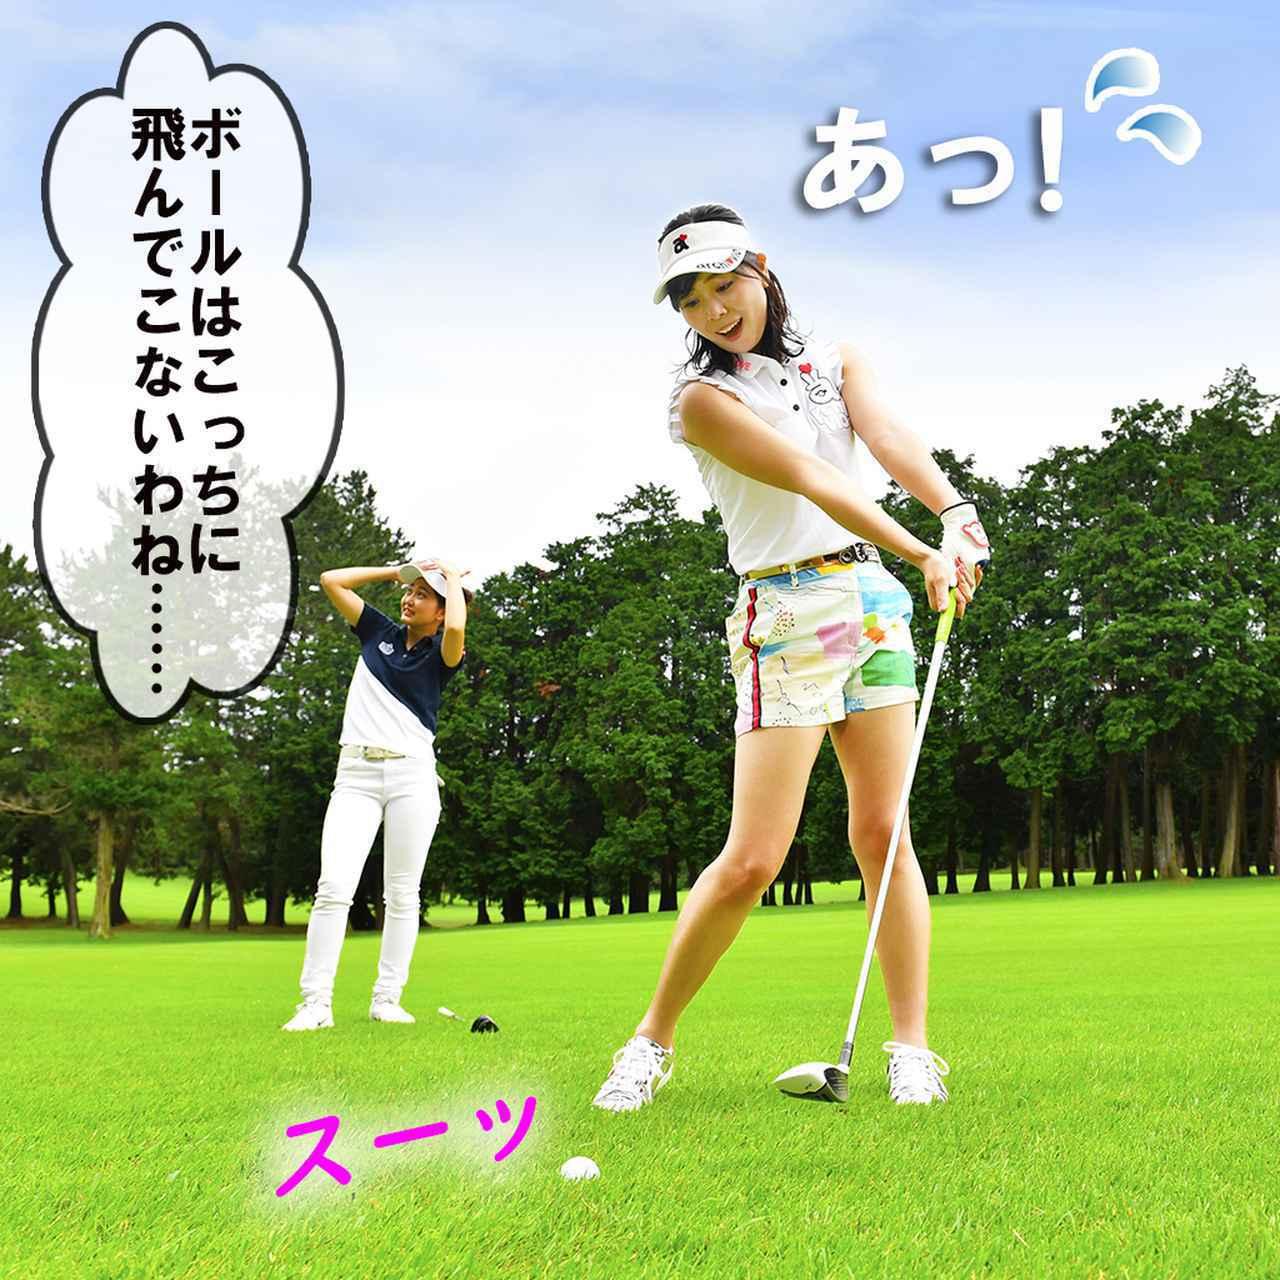 """画像: 【新ルール】""""フォア~""""の声が聞こえて、クラブを途中で止めようとしたら空振り、これってどう処置する? - ゴルフへ行こうWEB by ゴルフダイジェスト"""